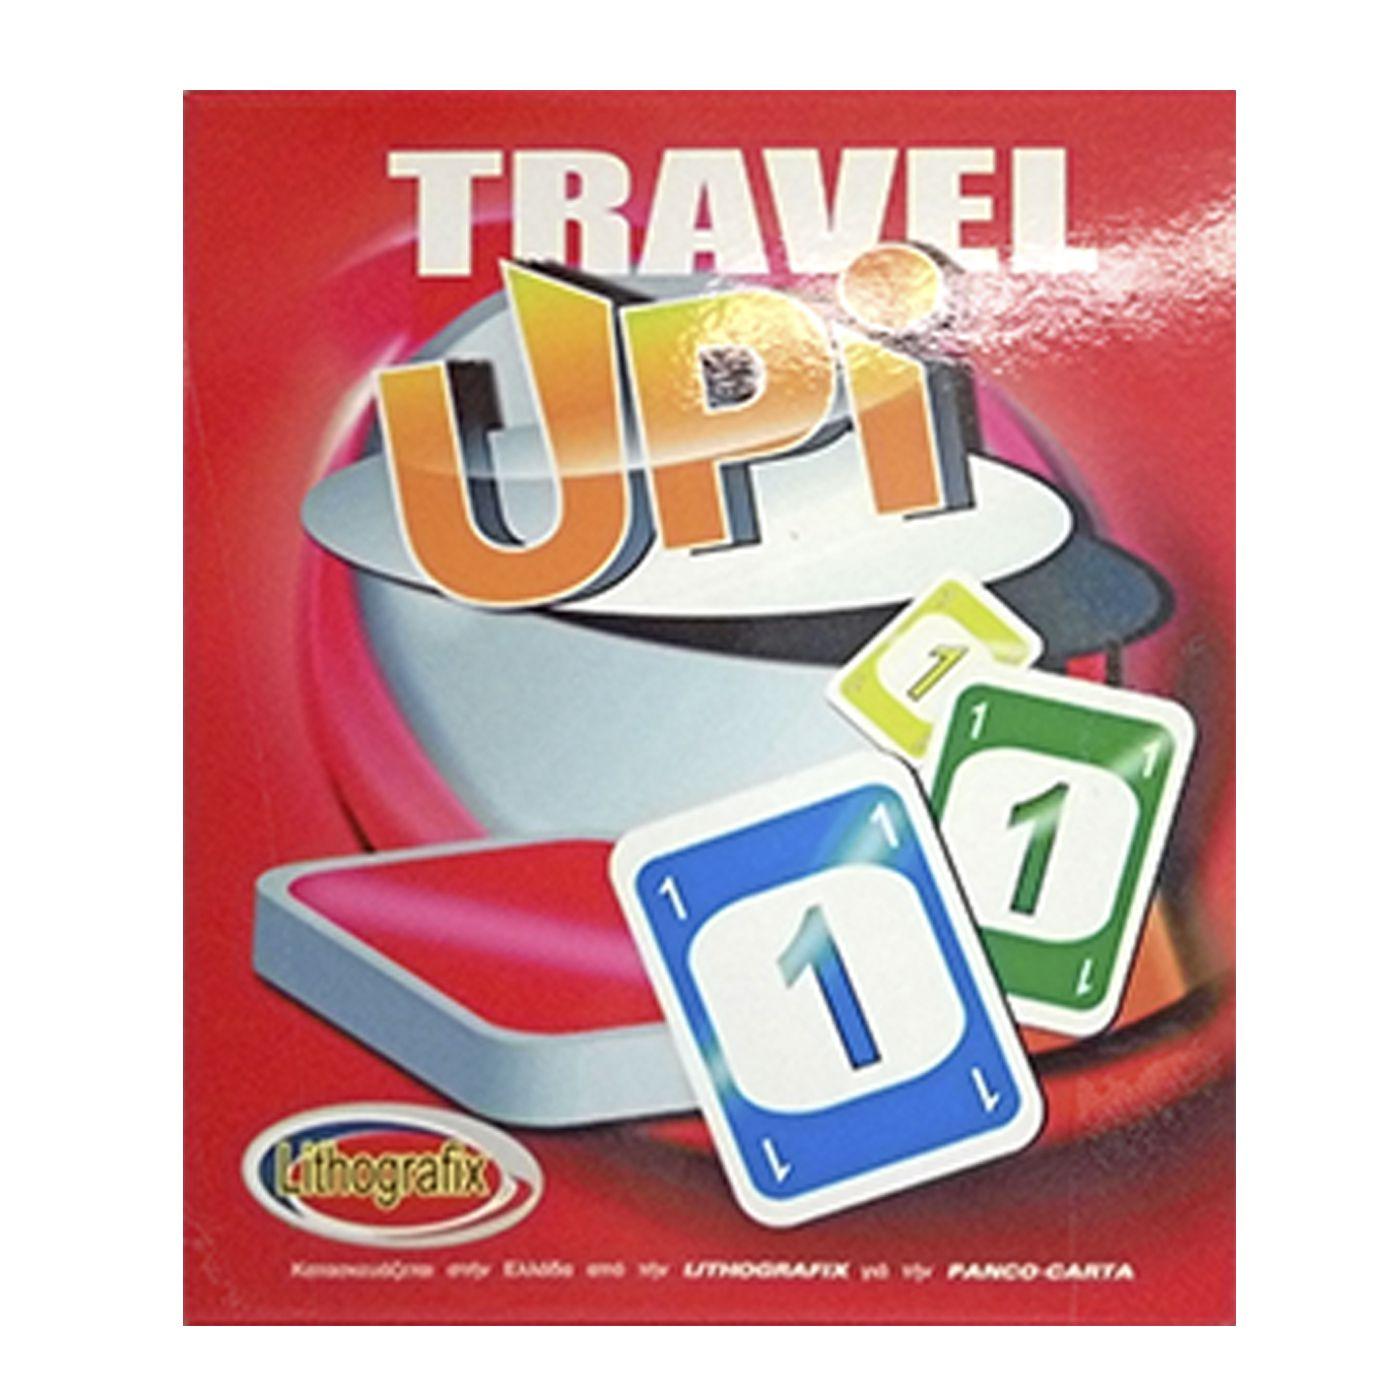 UPI TRAVEL 16x20cm